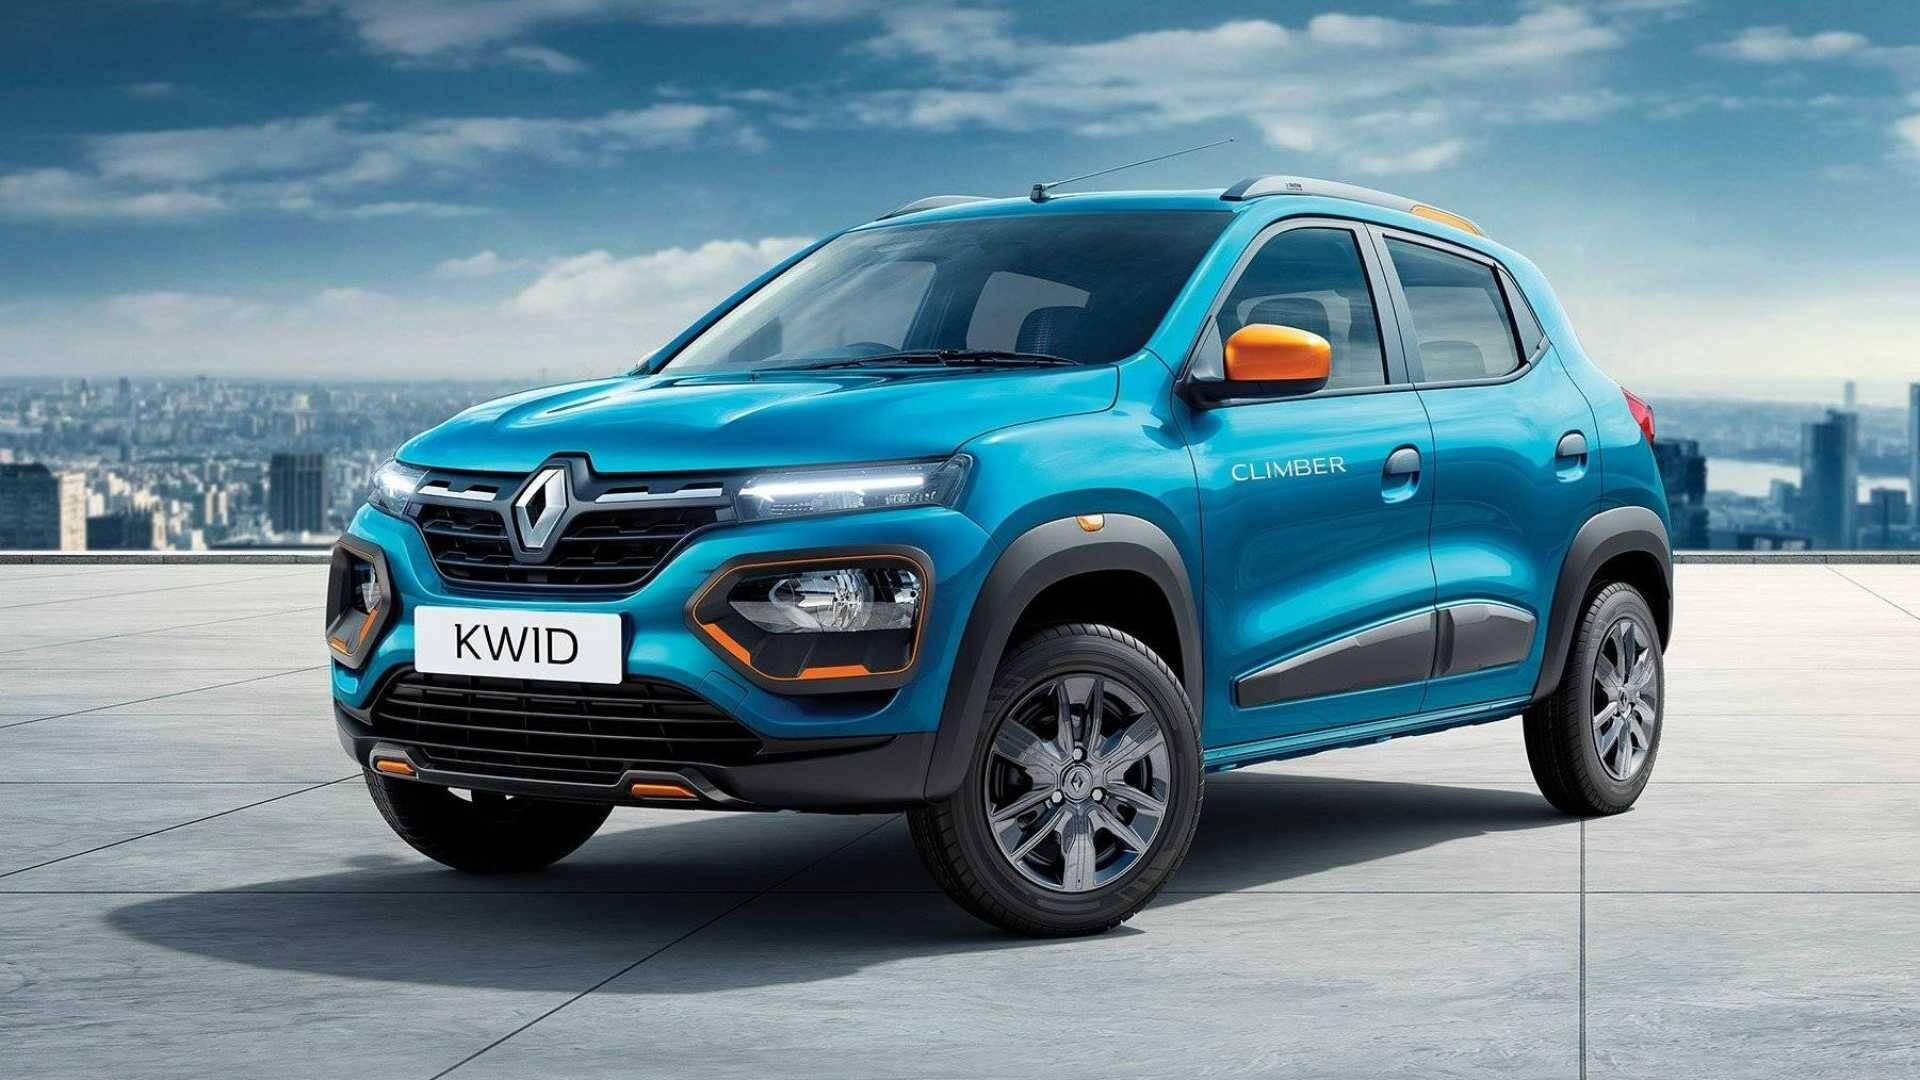 Novo Renault Kwid. Foto: Divulgação